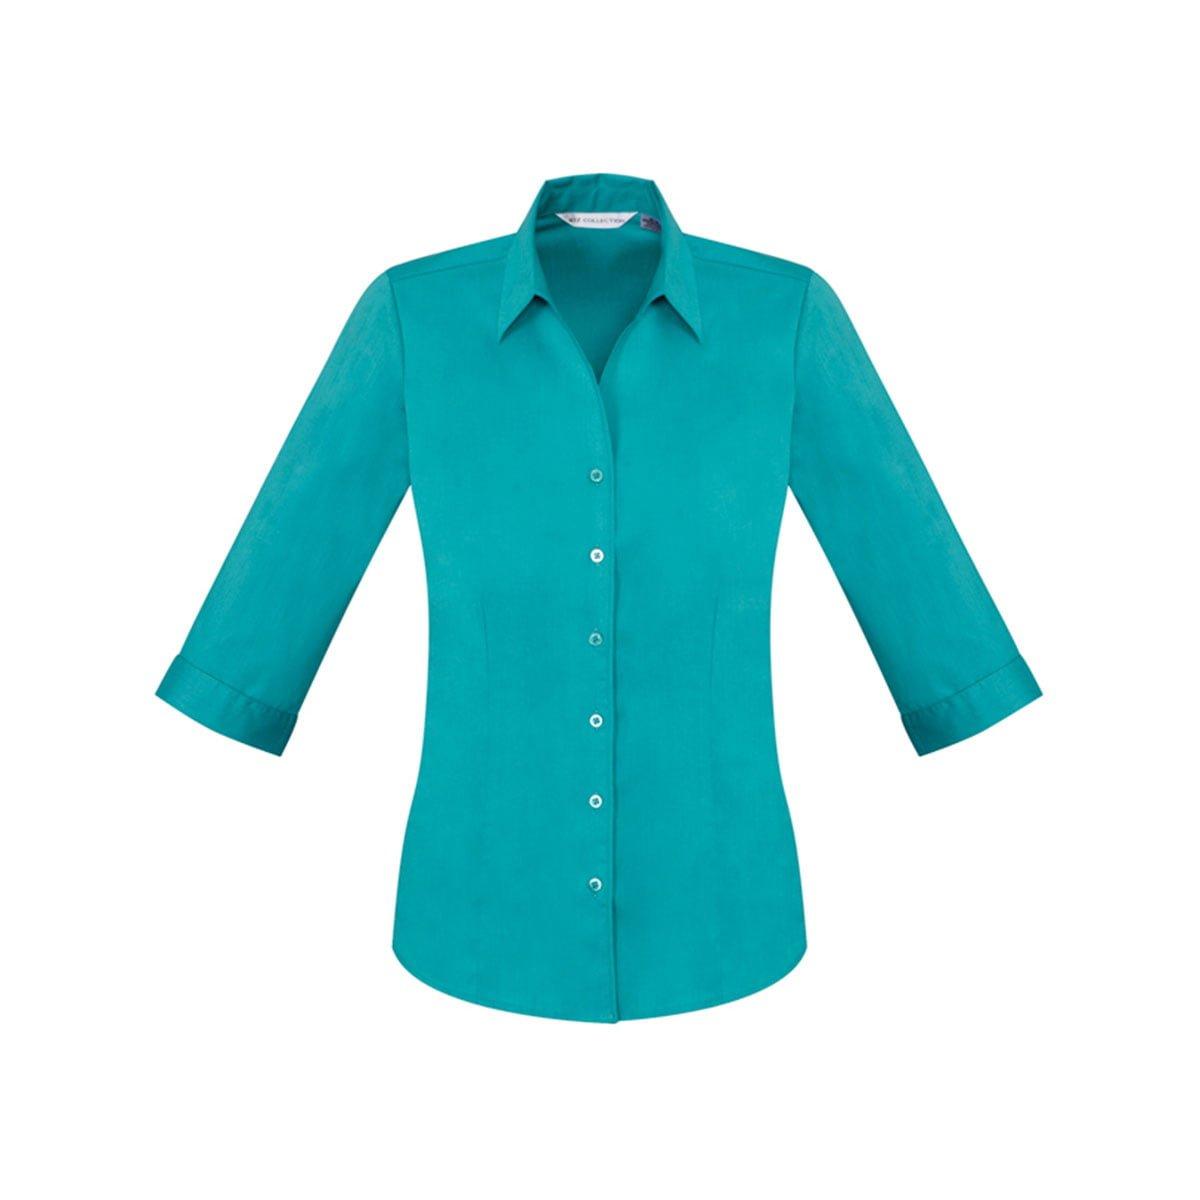 Ladies Monaco 3/4 Sleeve Shirt-Teal